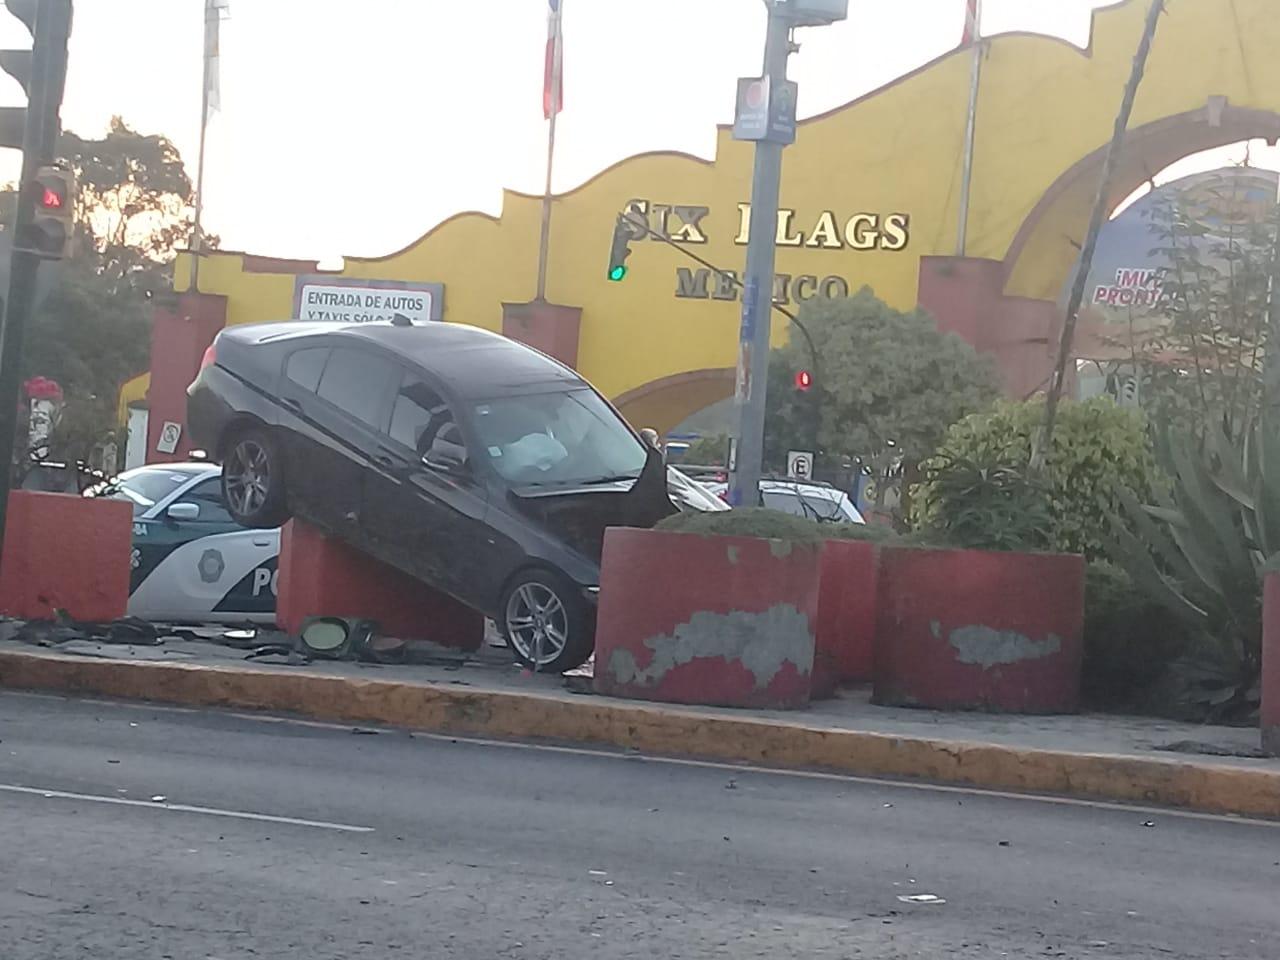 AUTO SE VUELCA Y CHOCA CONTRA MACETAS DE SIX FLAGS